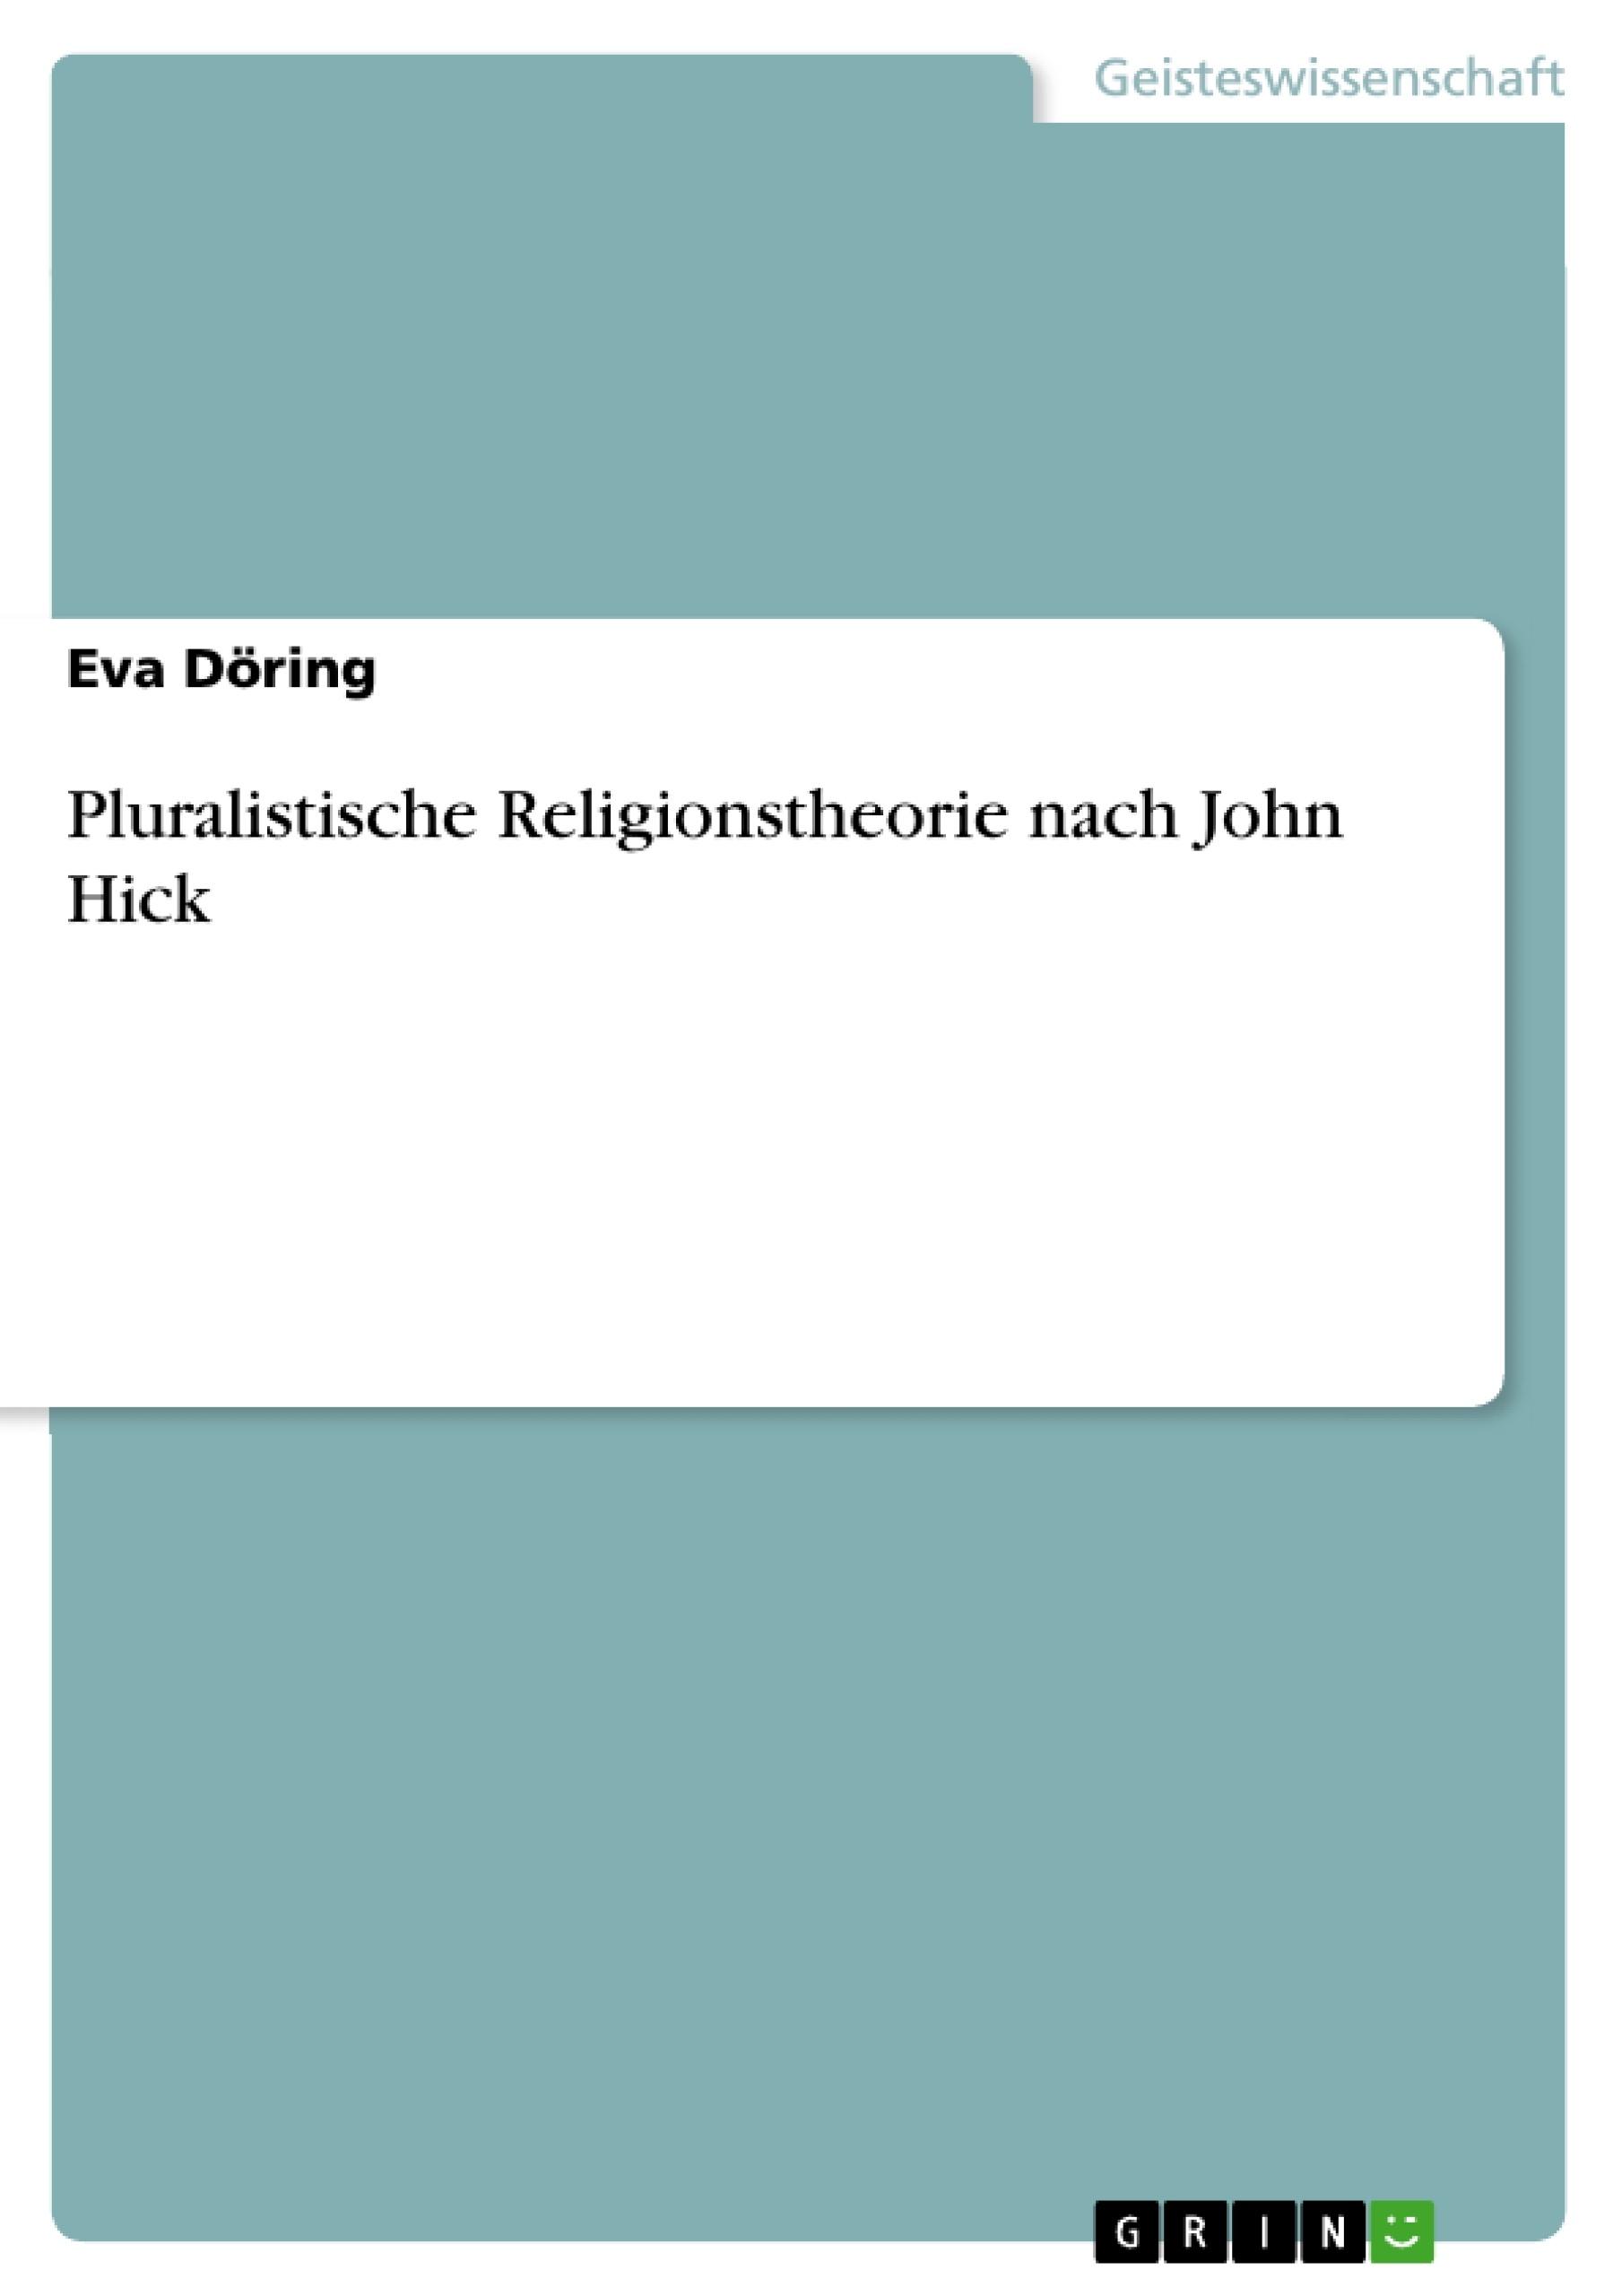 Titel: Pluralistische Religionstheorie nach John Hick